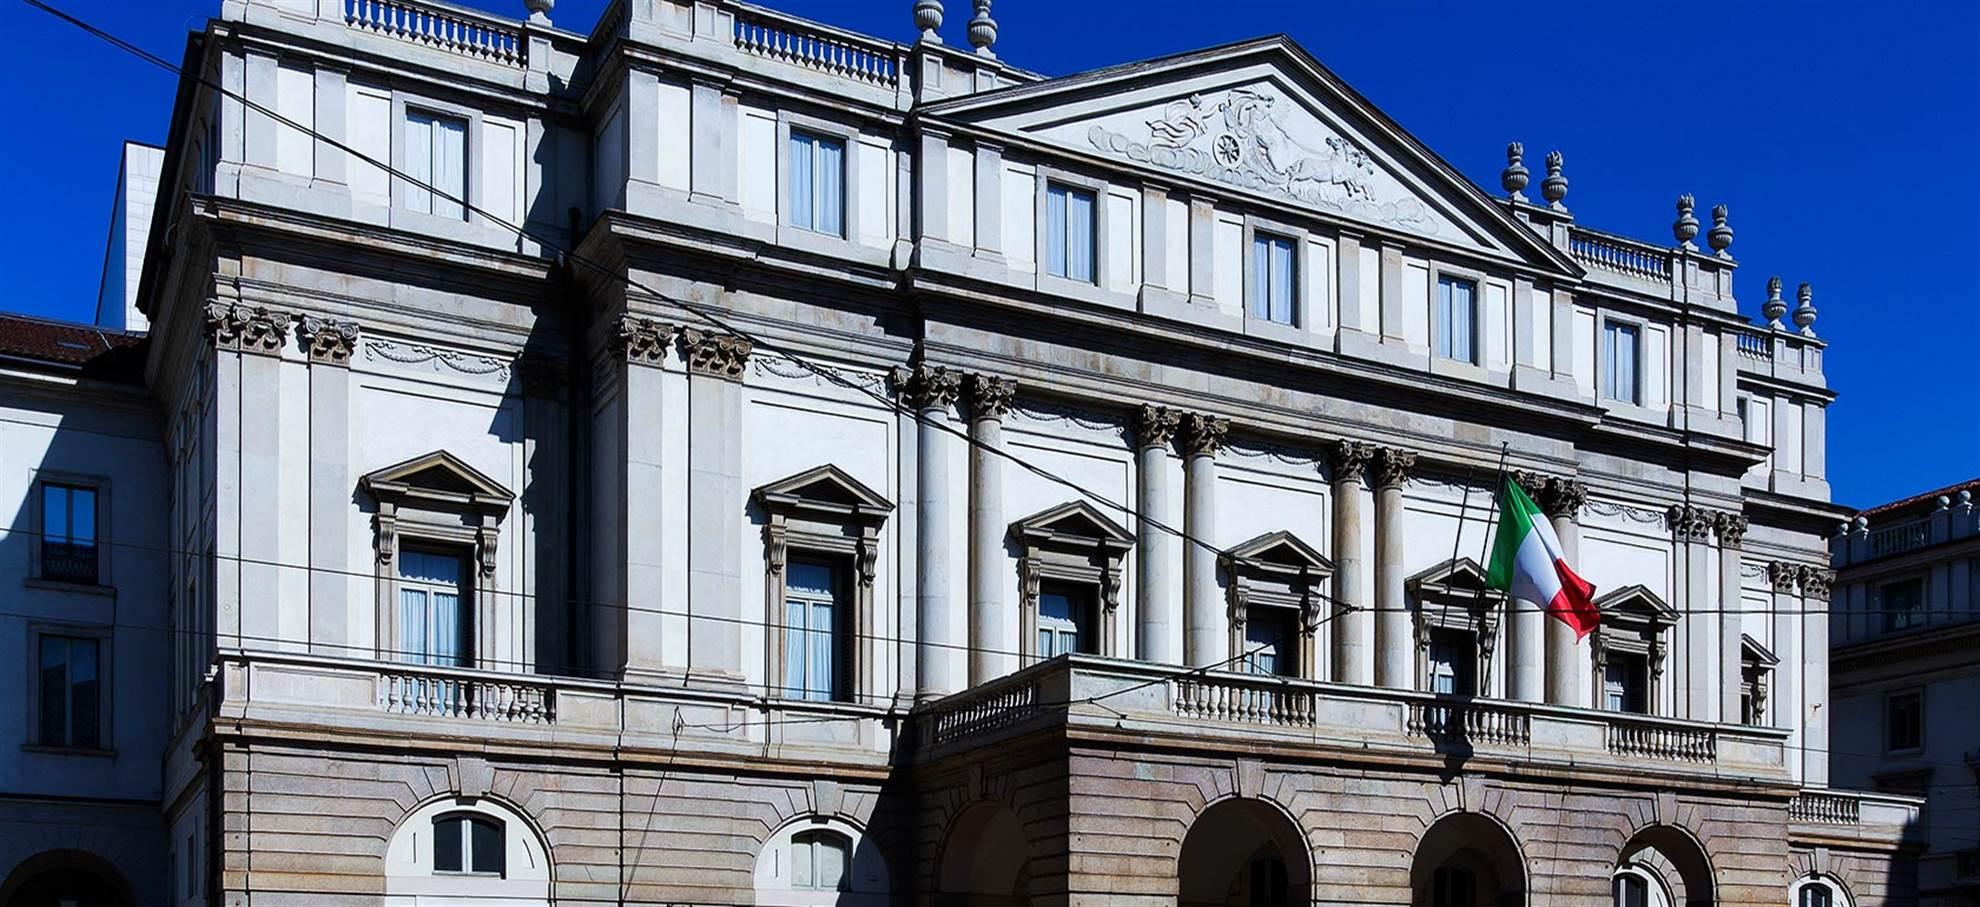 La Scala Museum and Theatre